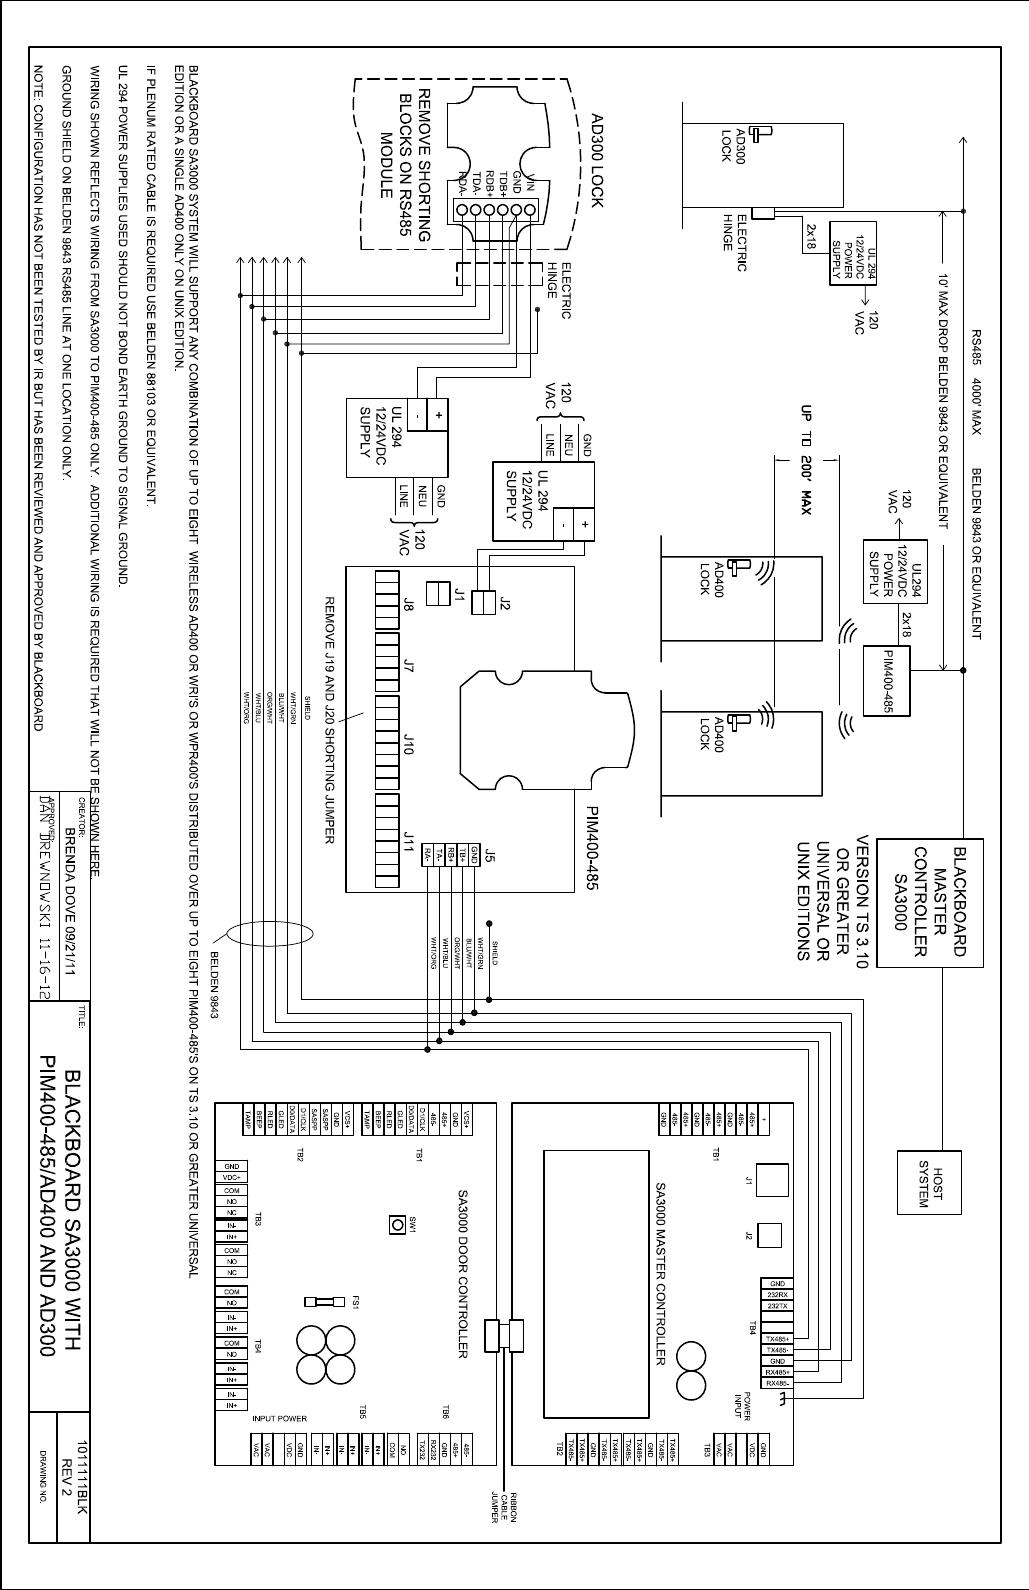 Von Duprin Wiring Diagram 1 And 2 Dewalt Wiring Diagrams